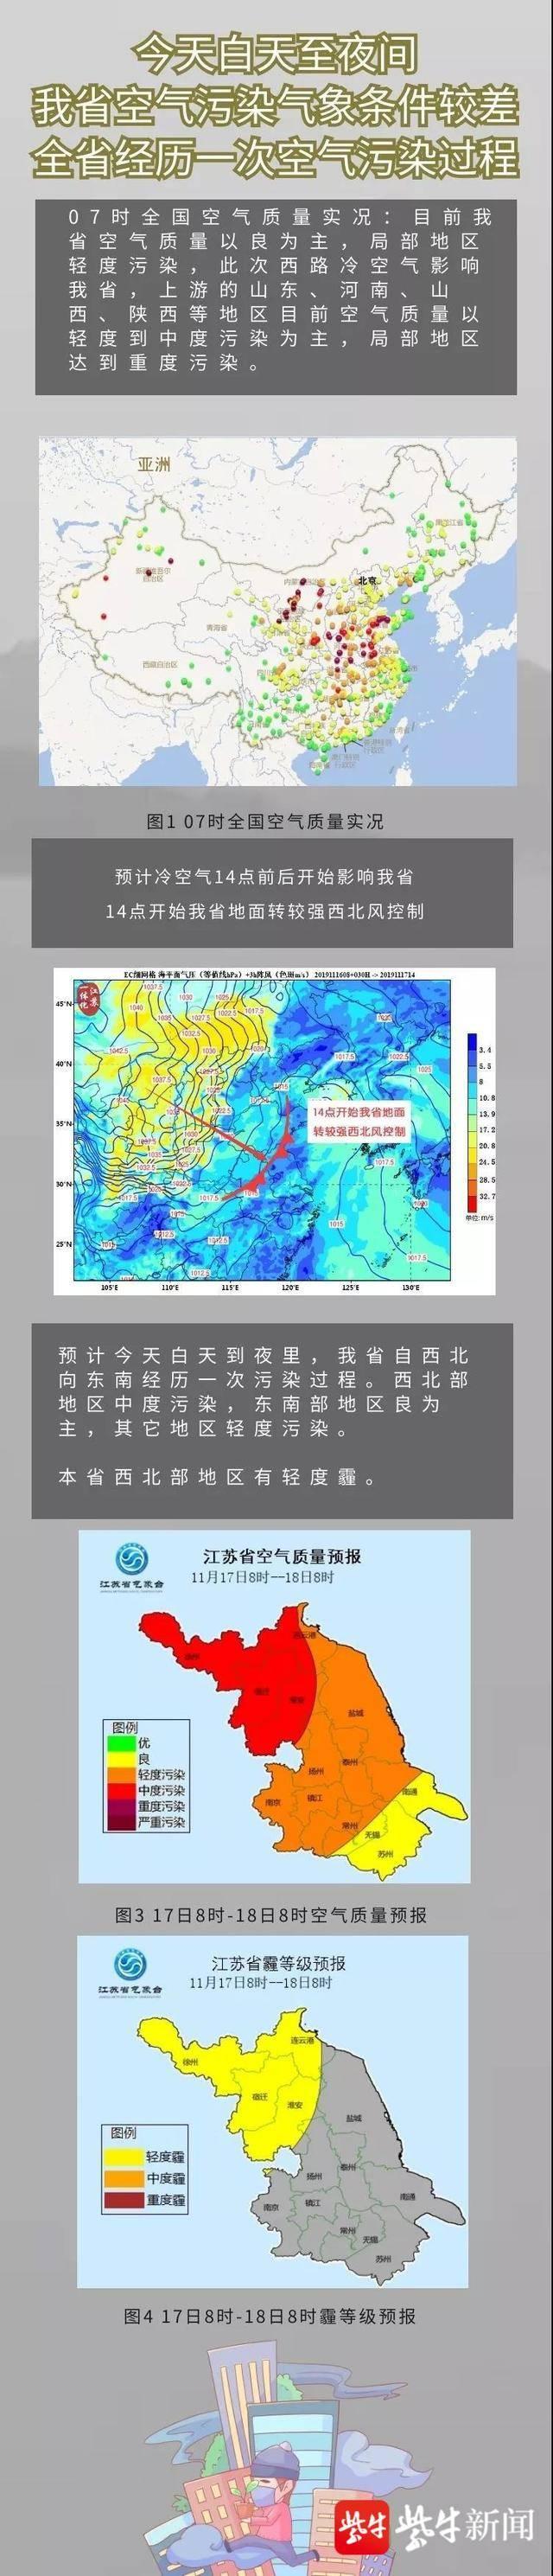 17日白天到夜间,江苏将经历一次空气污染过程